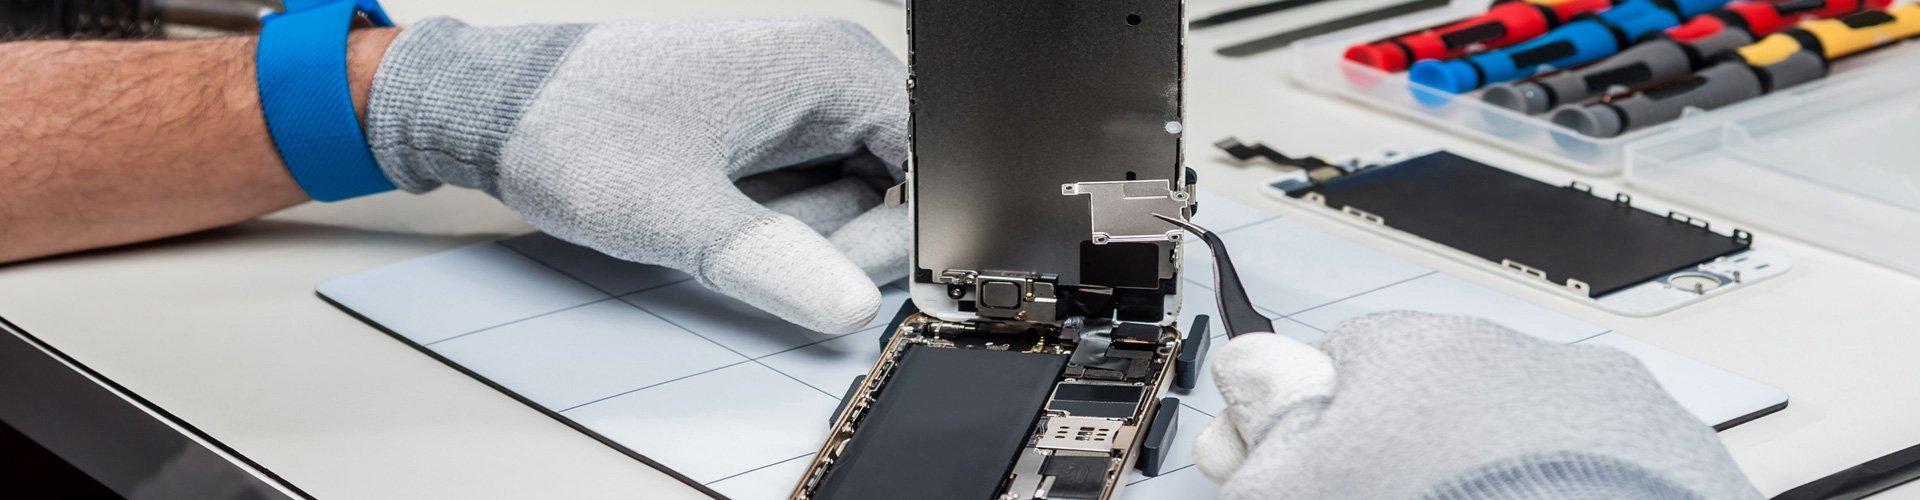 SmartPhone reparatie bij GSM-Limburg